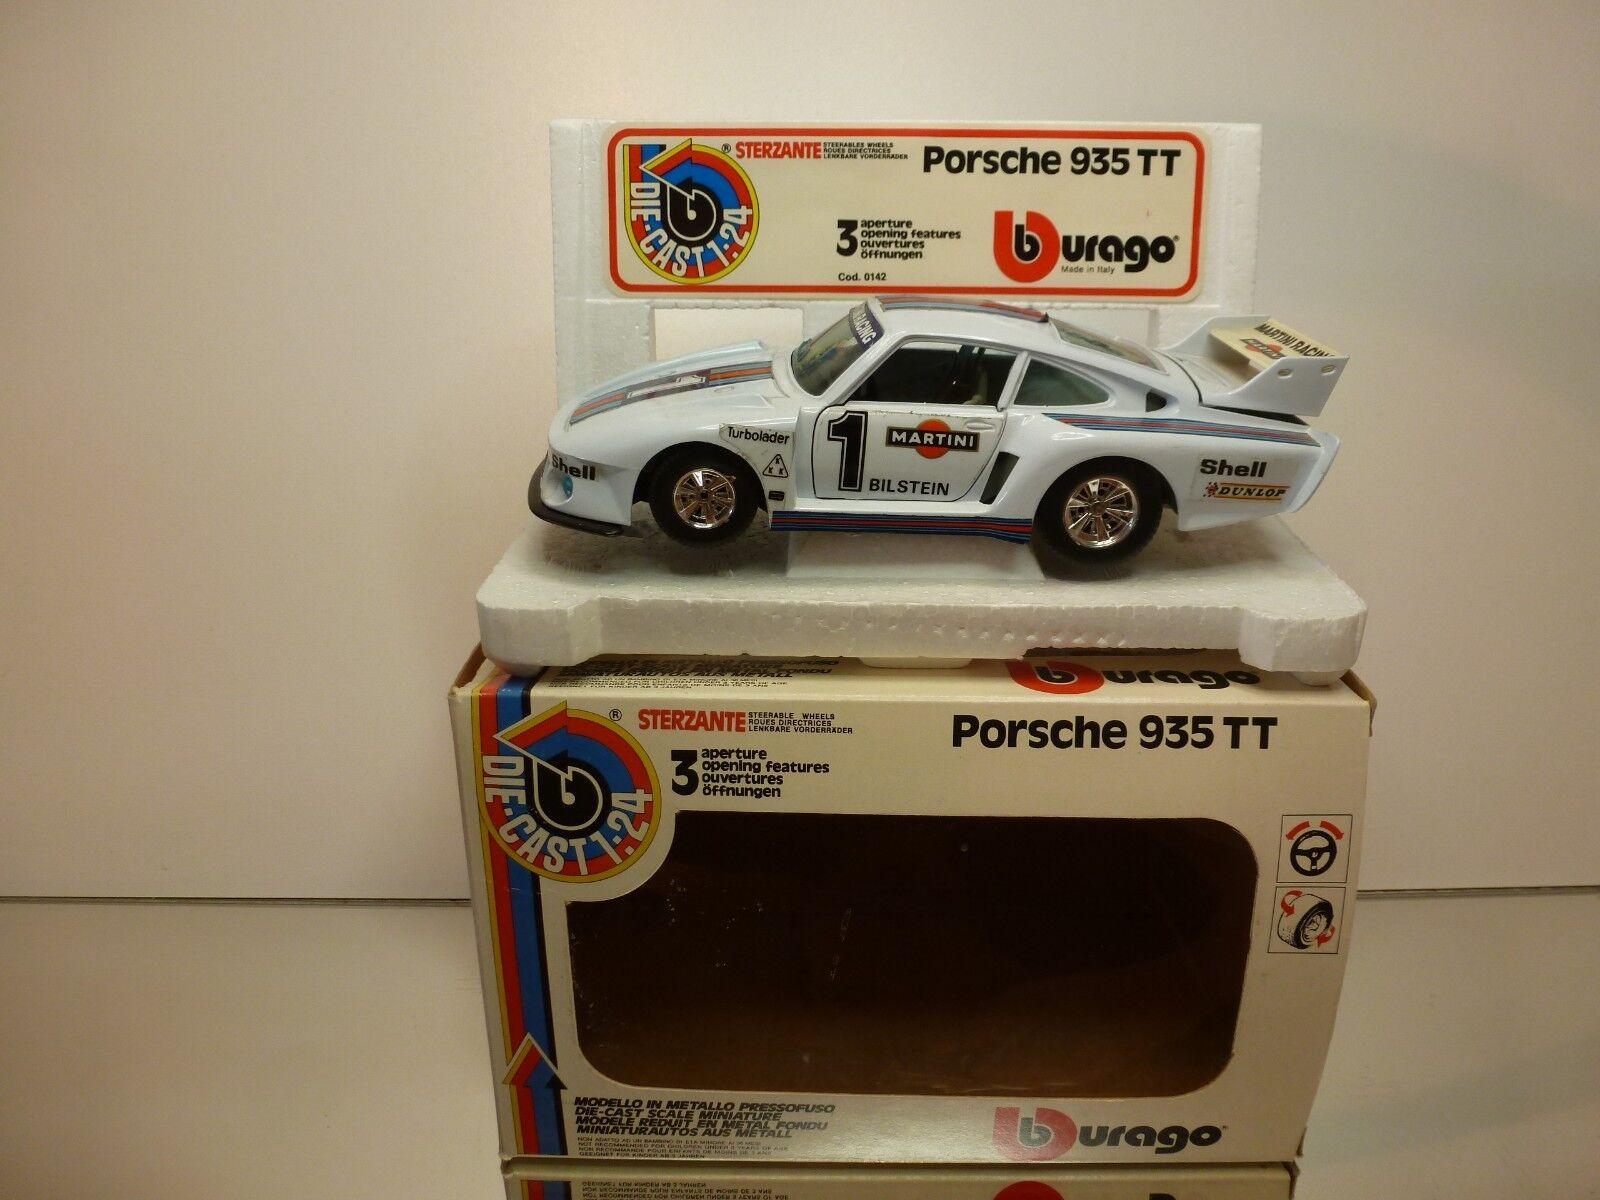 BBURAGO 0142 PORSCHE 935 TT MARTINI  1  - blanc 1 24 - GOOD CONDITION IN BOX